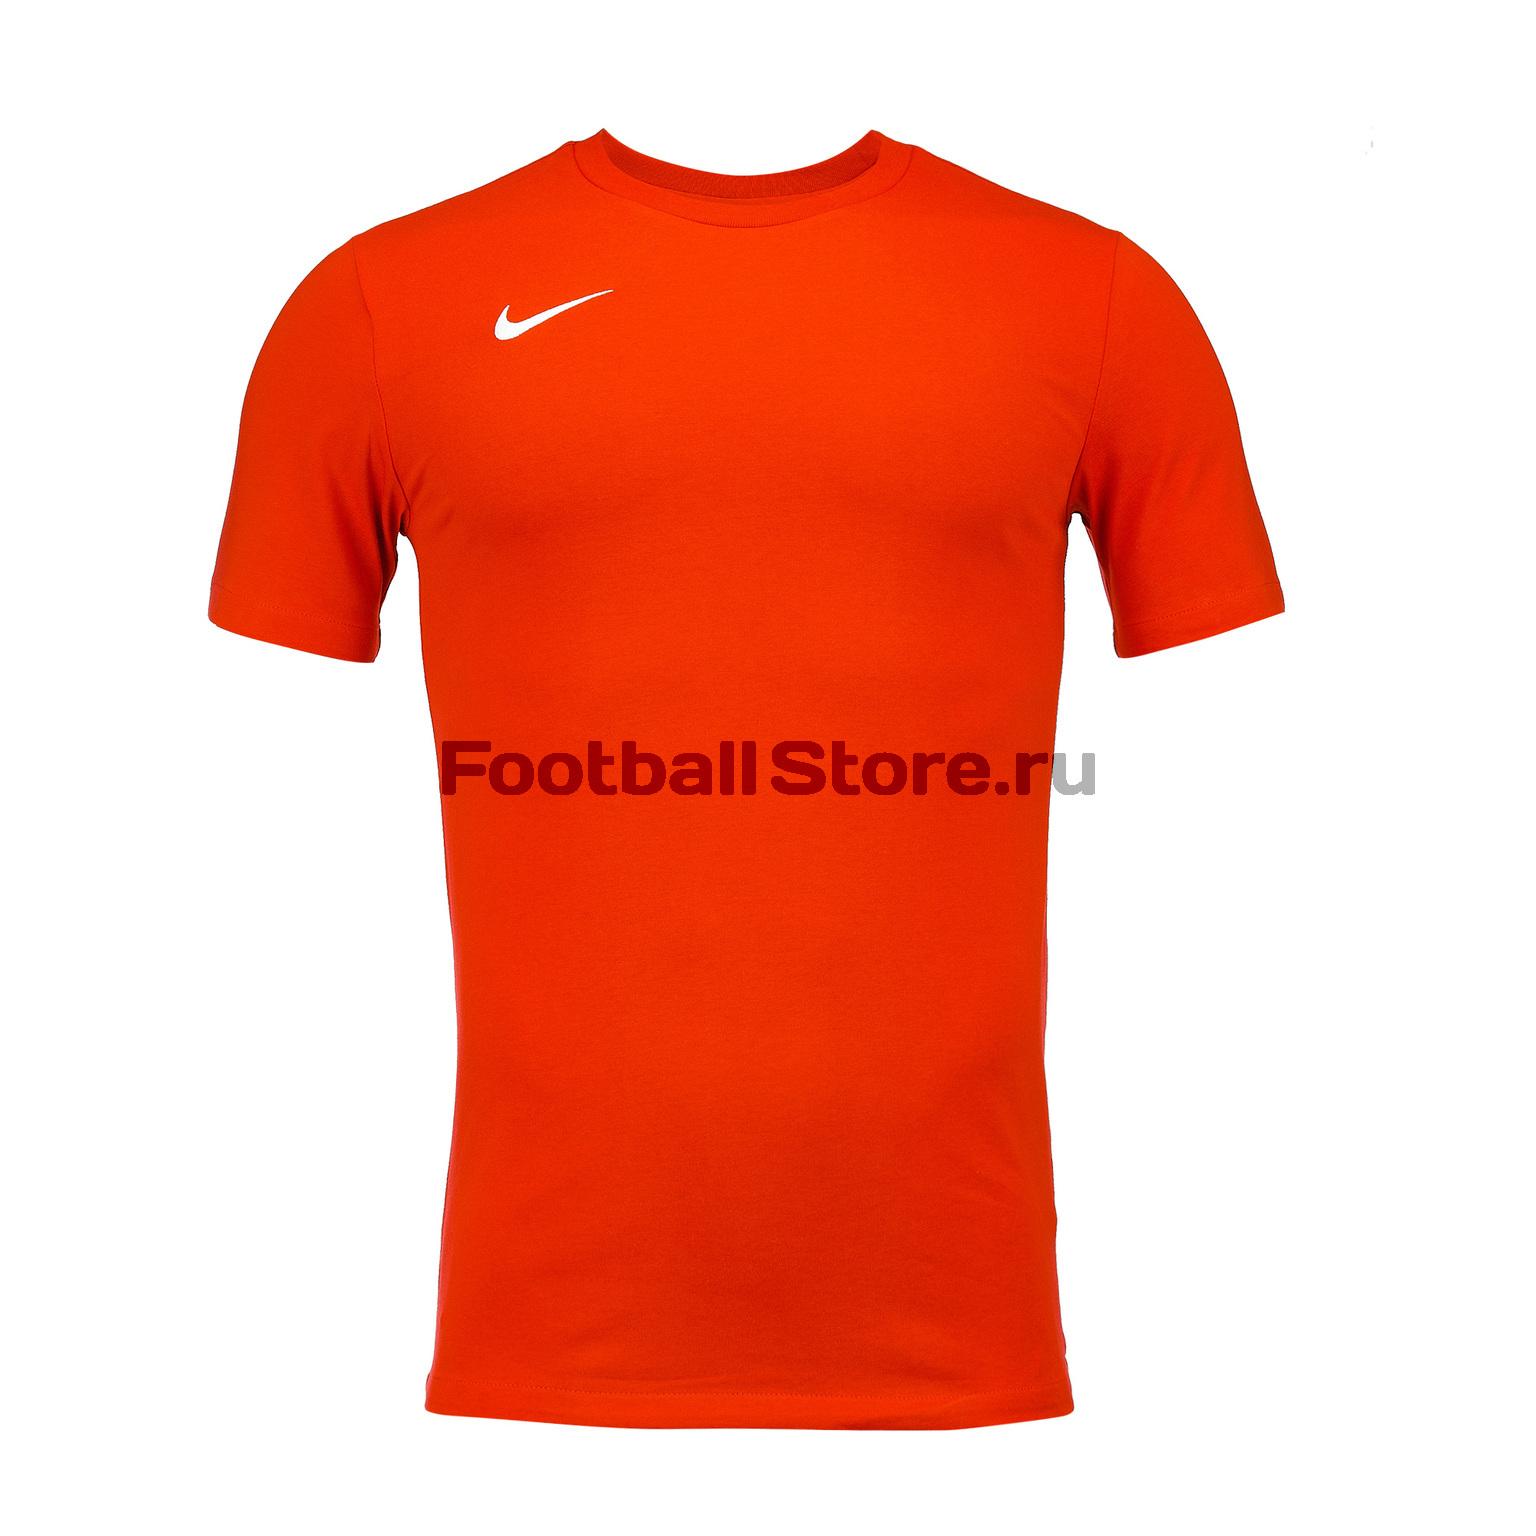 Футболка хлопковая Nike Tee Club19 SS AJ1504-657 цена